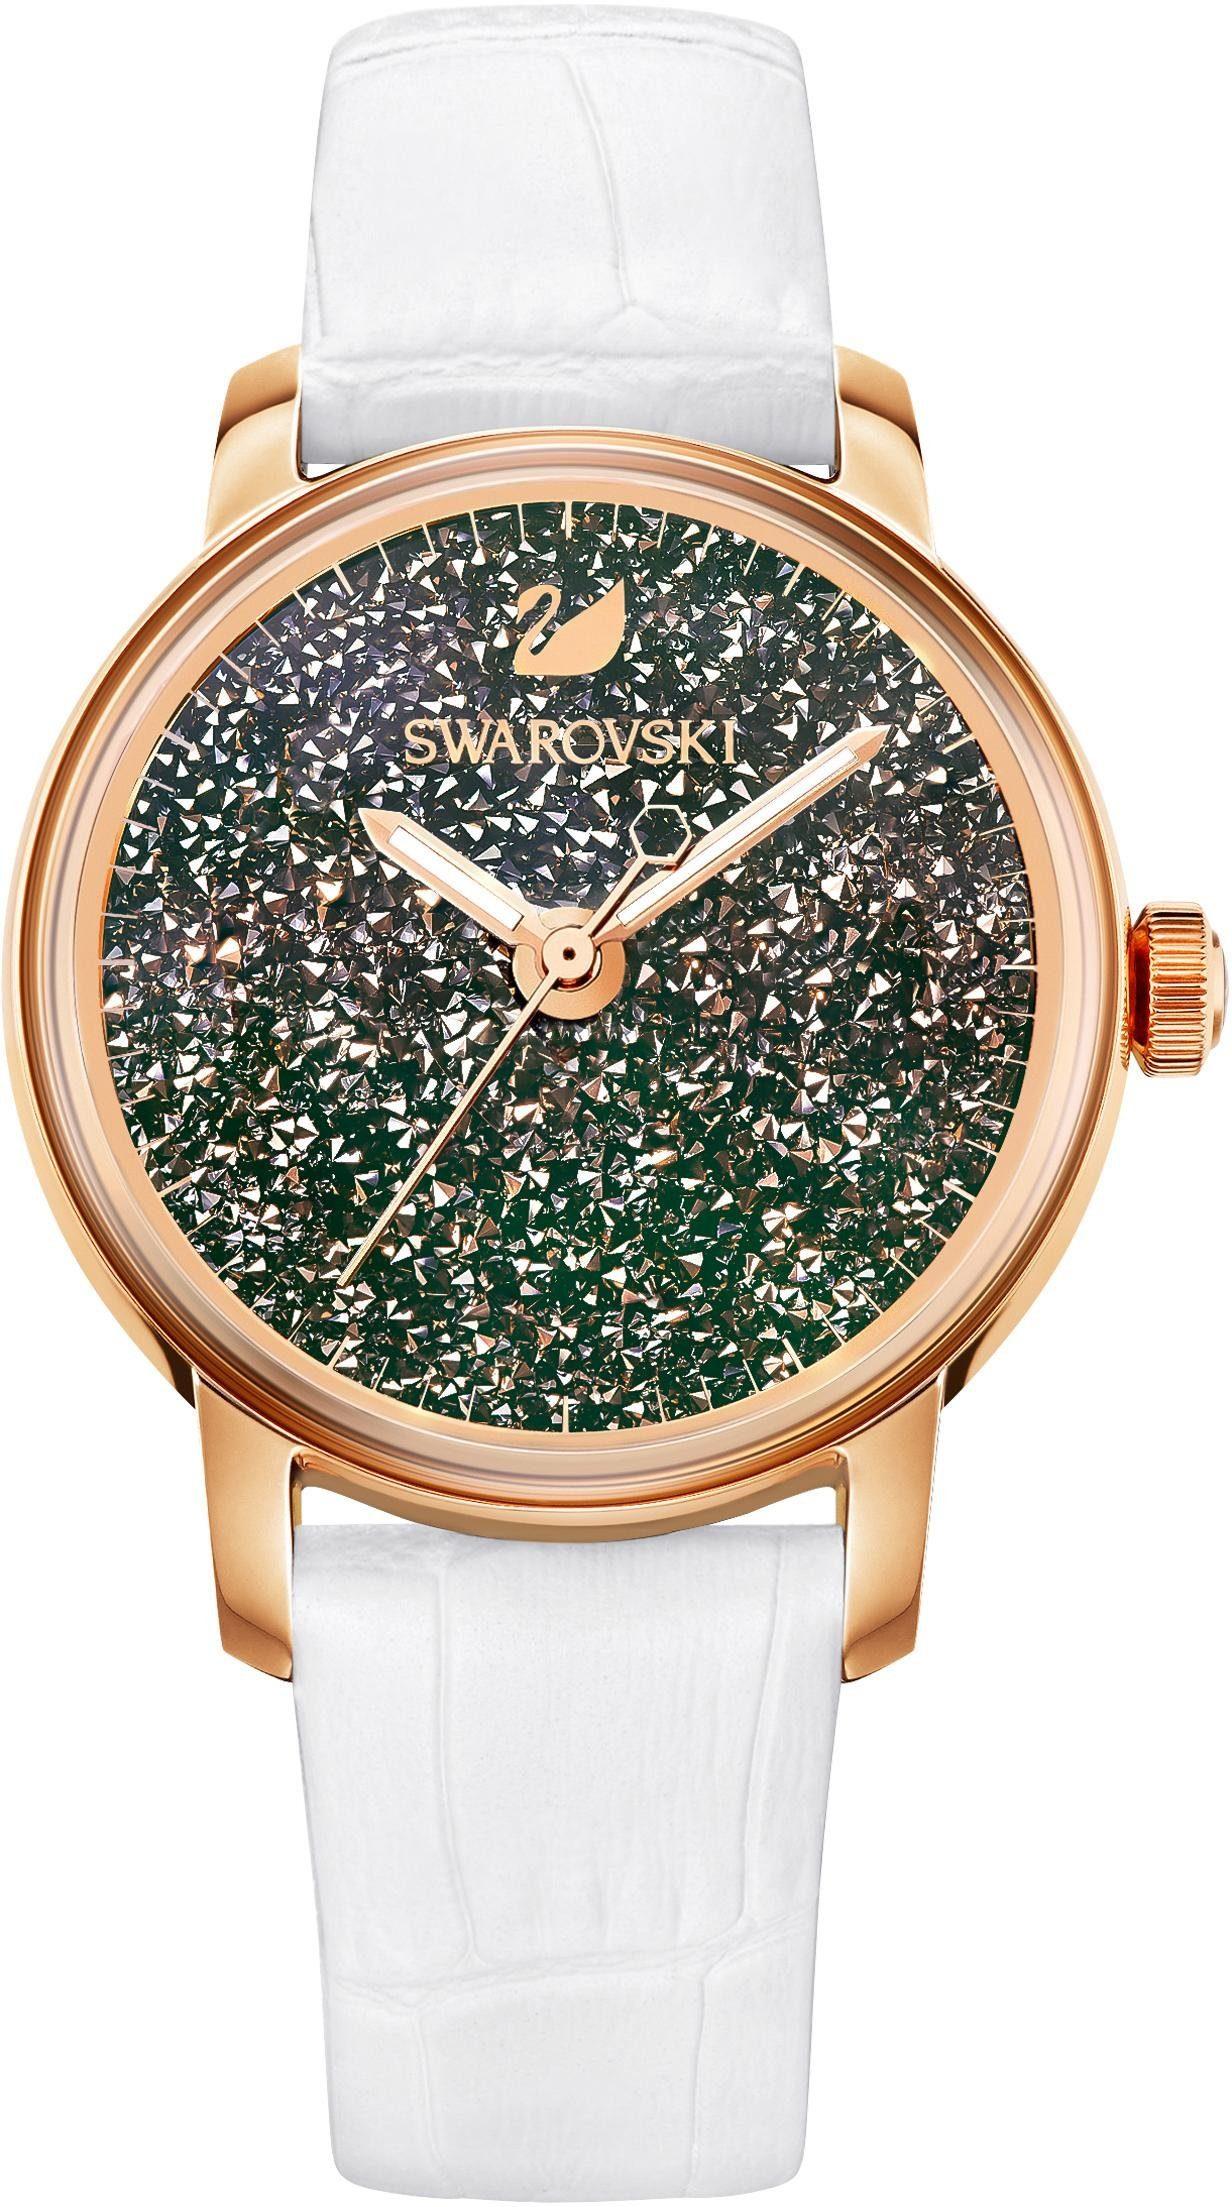 Swarovski Schweizer Uhr »Crystalline Hours Uhr, Lederarmband, weiss, roséfarben, 5344635«